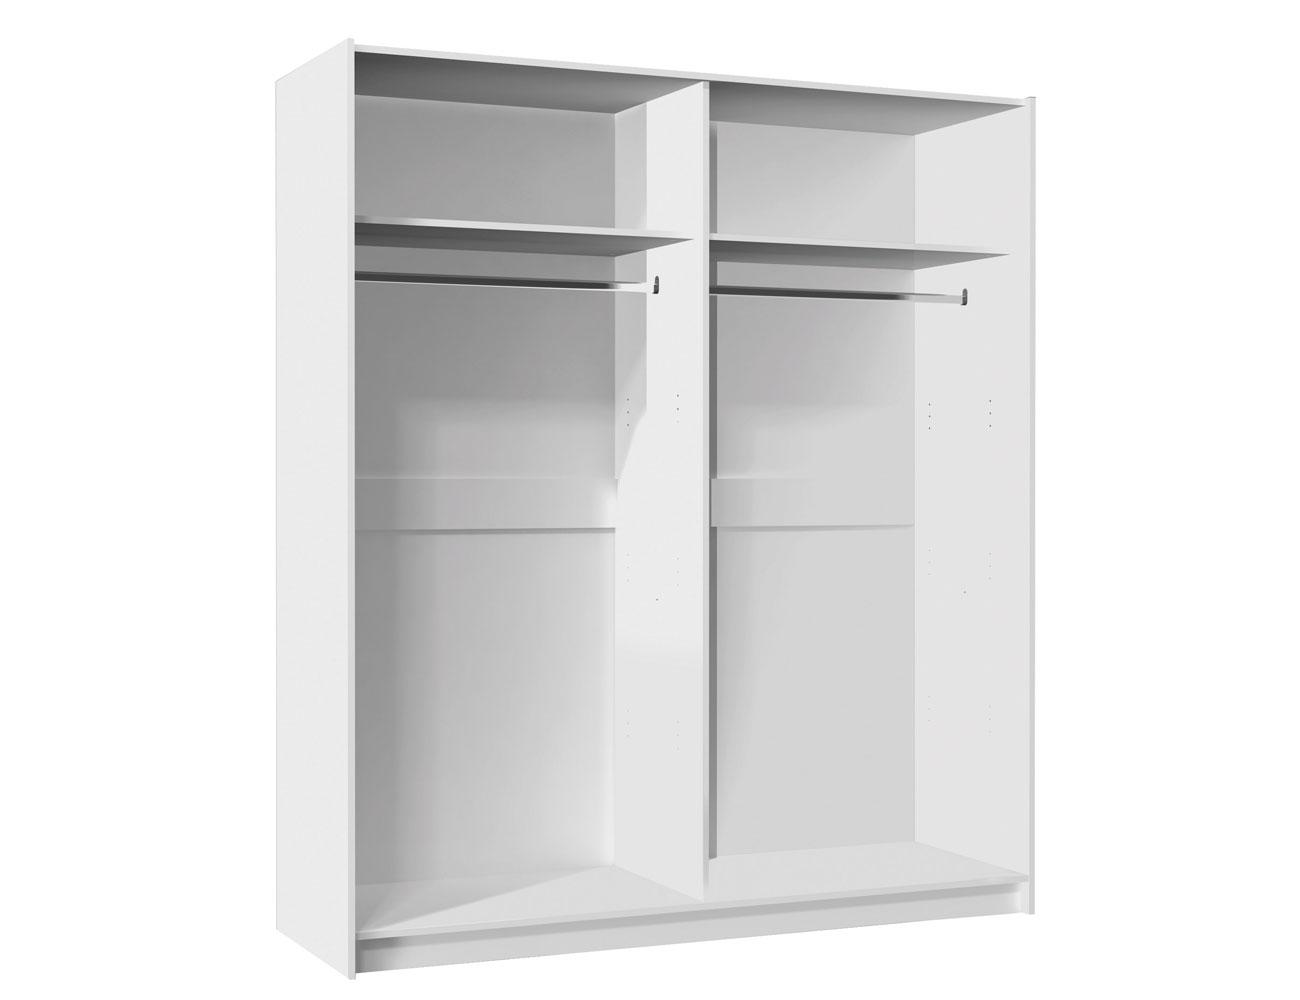 Armario puertas correderas blanco 150 cm de ancho factory del mueble utrera - Kit puertas correderas armarios ...